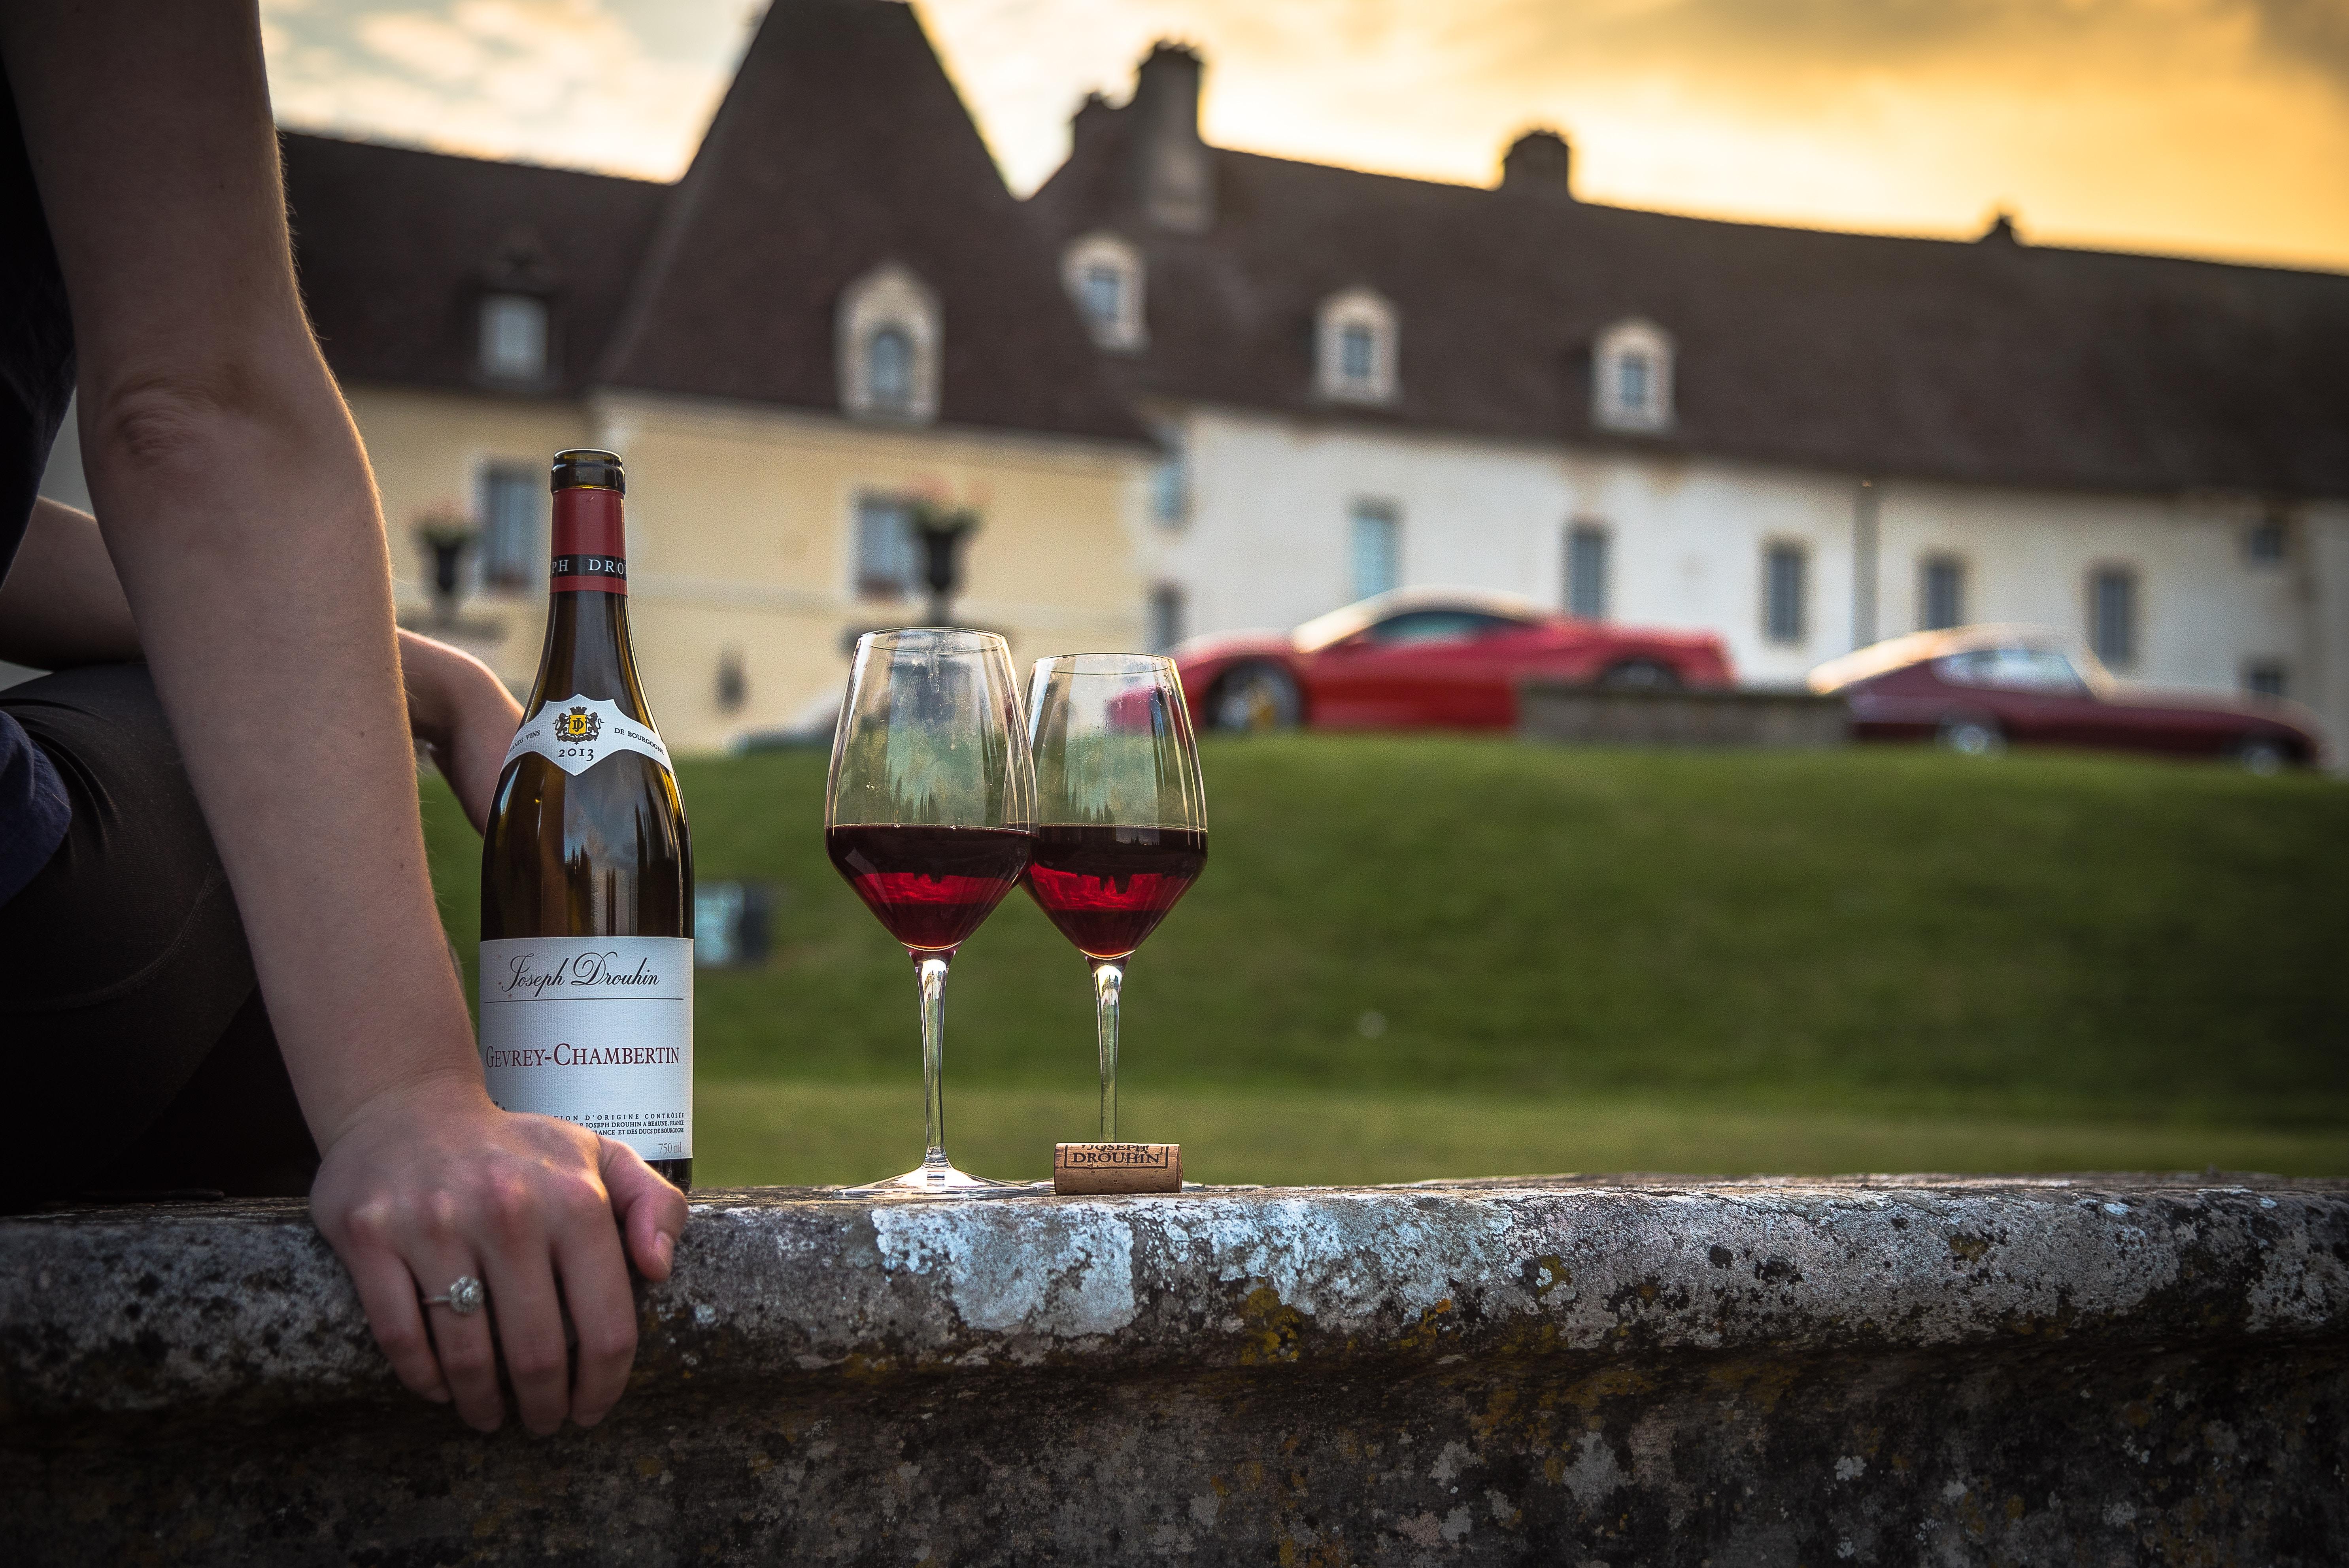 牛久シャトーカミヤは見学もできるワイン醸造場!レストランも大人気!